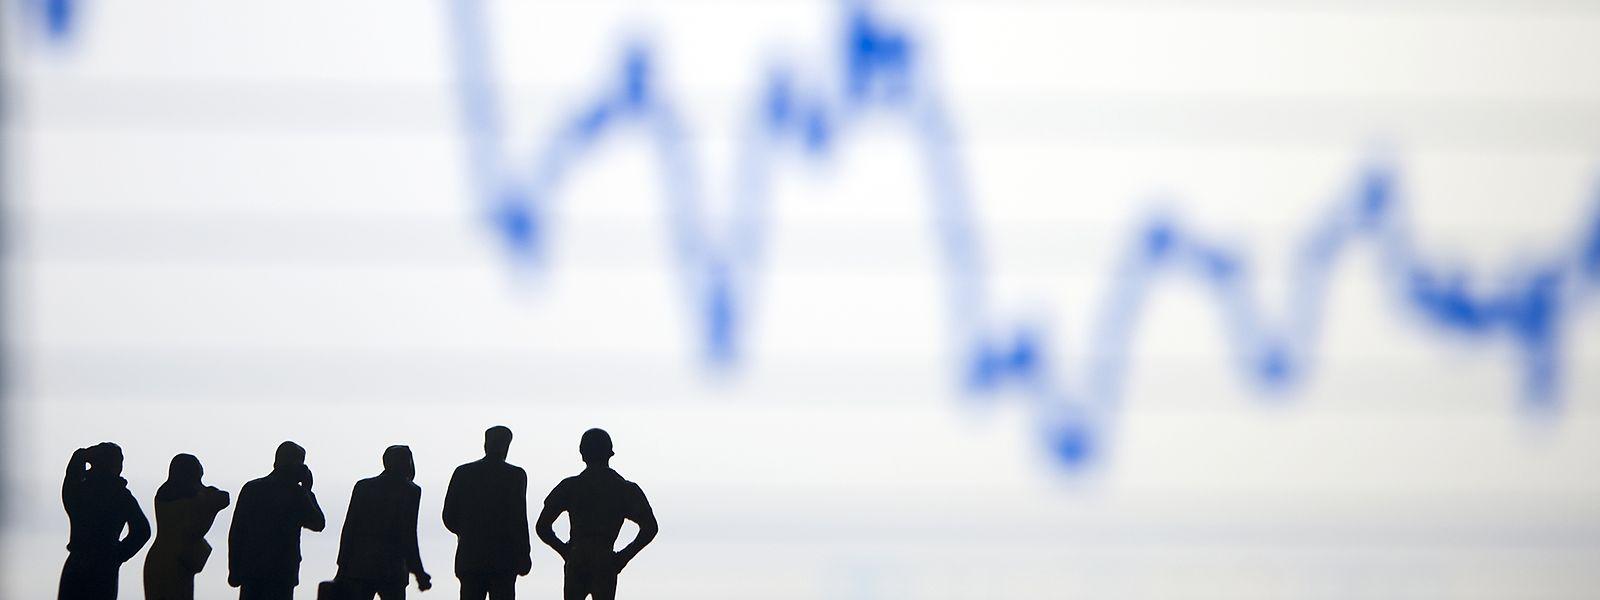 SPACs sind Börsenhüllen, die jungen Unternehmen einen einfacheren Weg an die Börse bieten. Für Anleger kann das riskant sein.